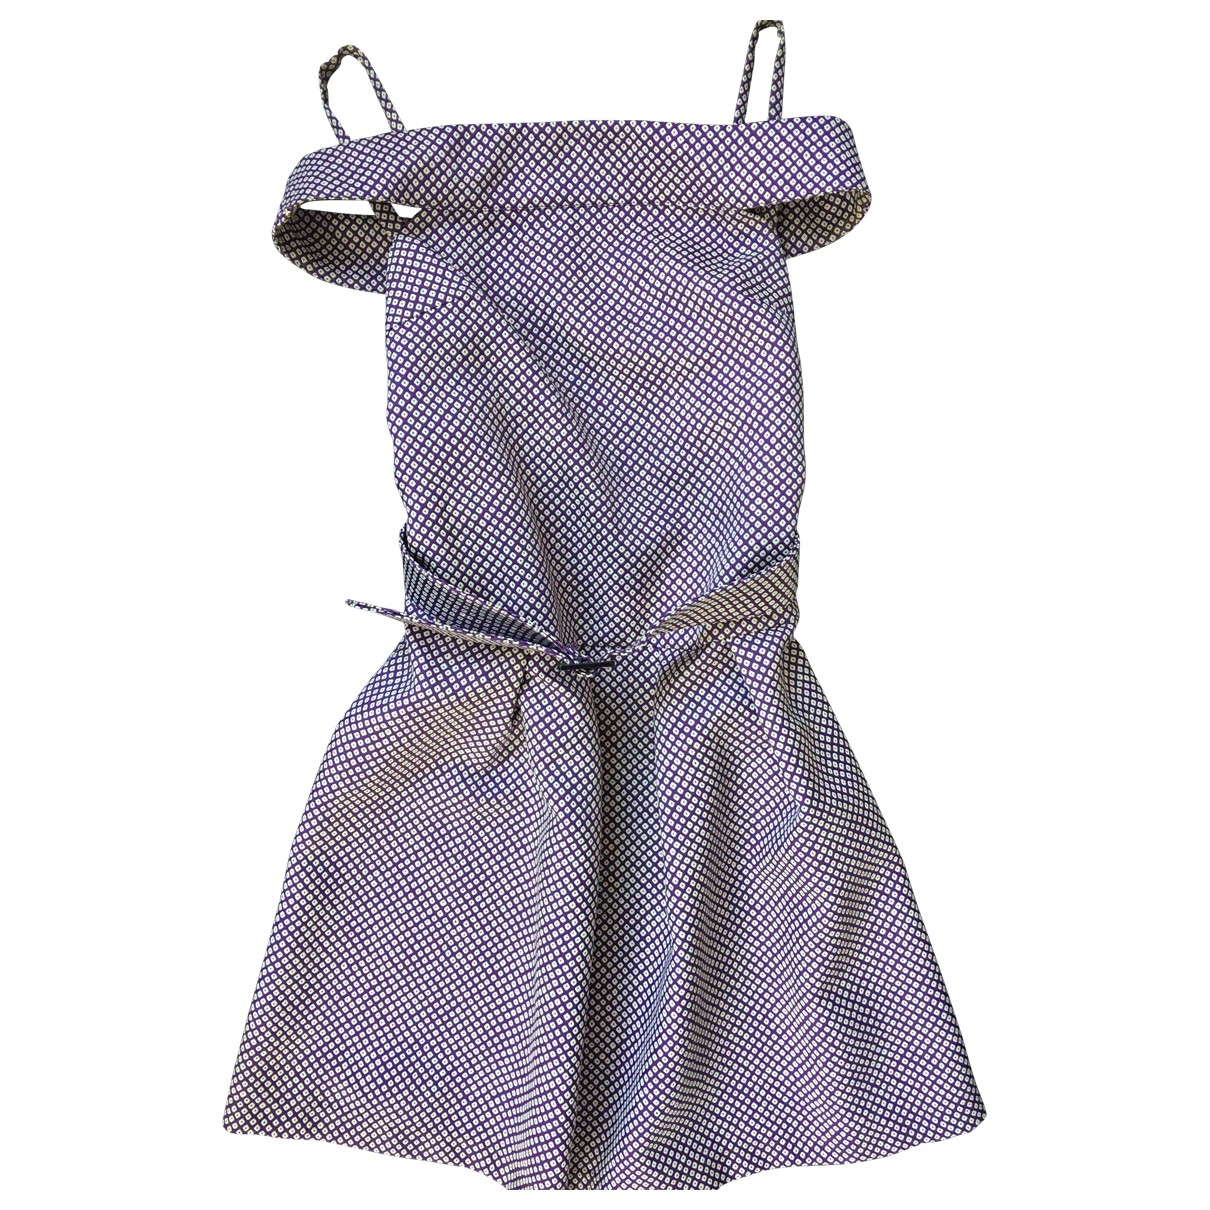 Patrizia Pepe \N Purple dress for Women 44 IT